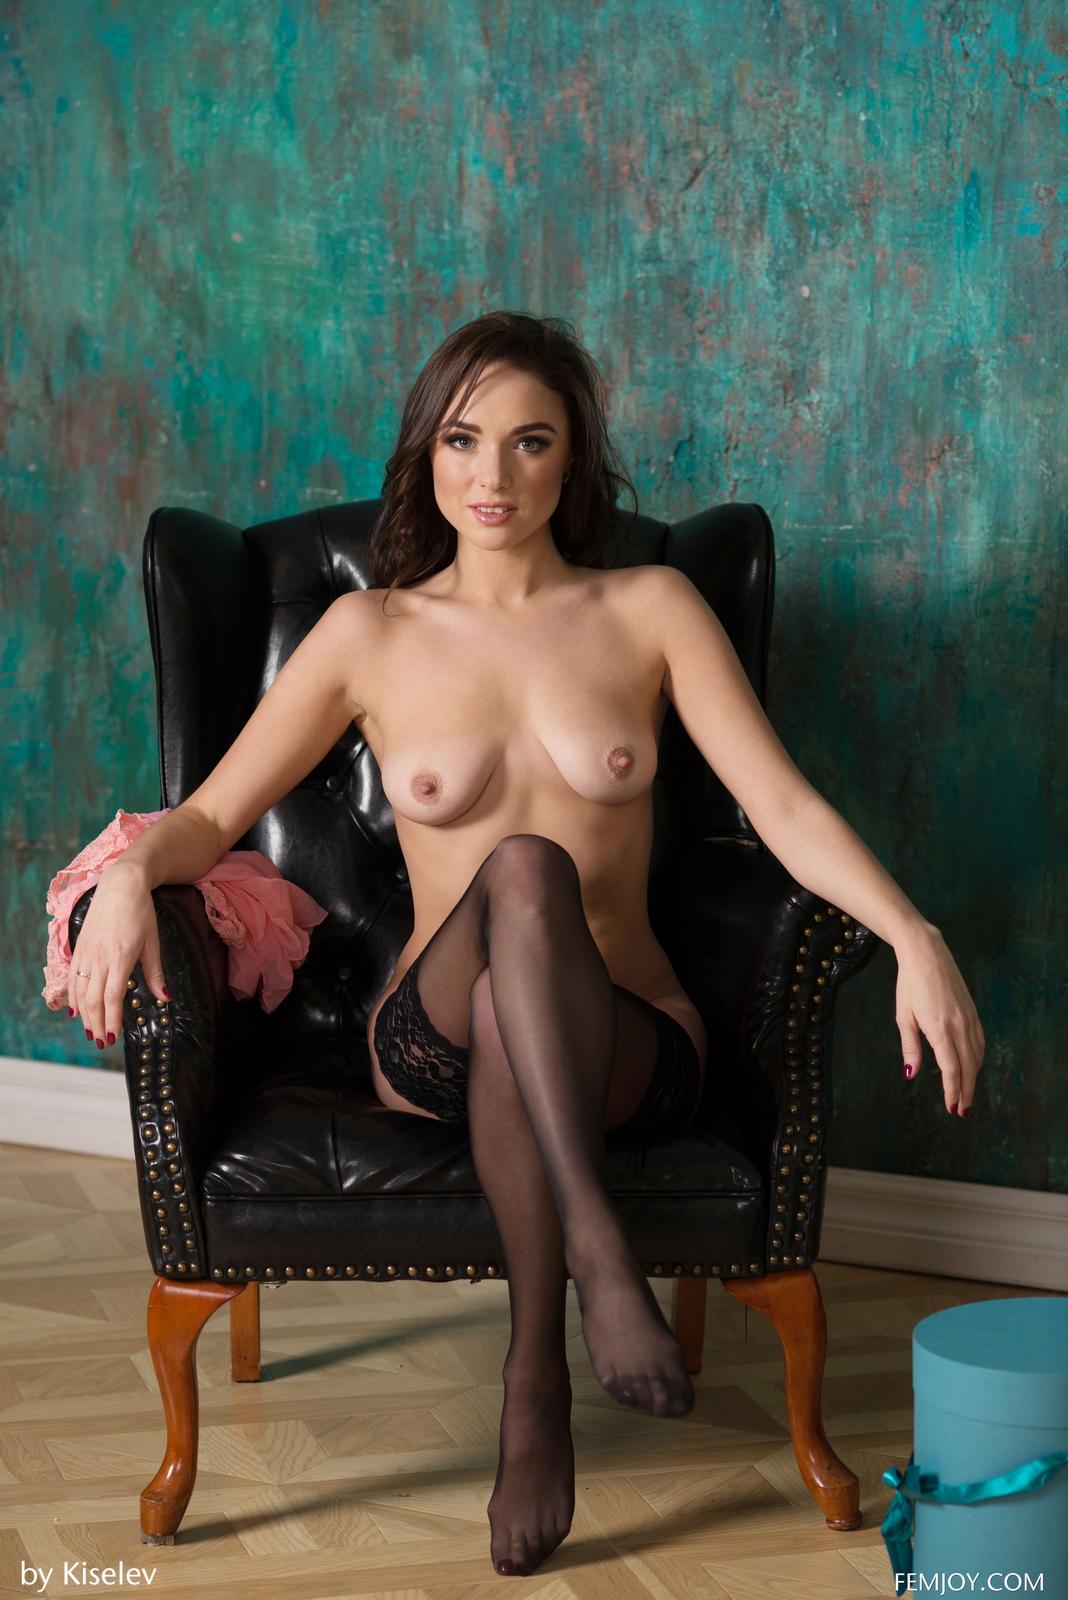 nika-a-nude-black-stockings-armchair-femjoy-06